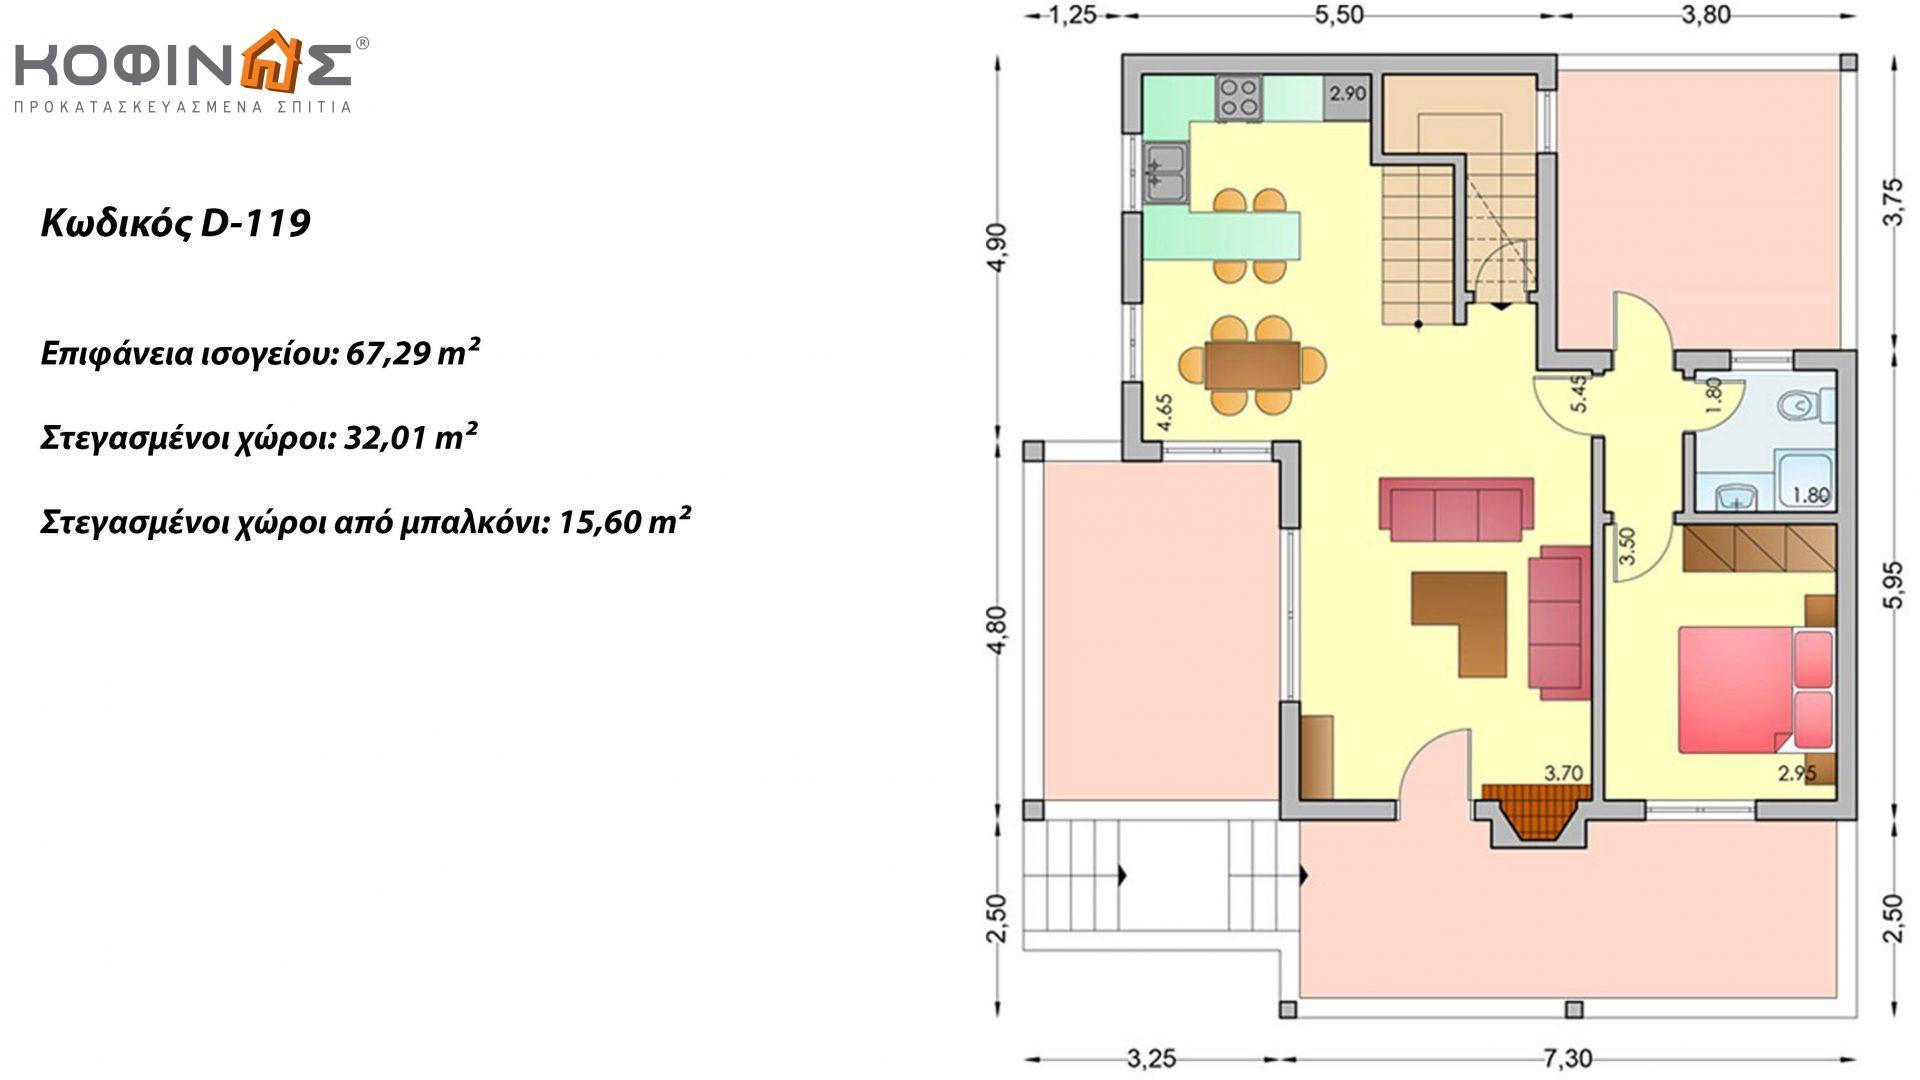 Διώροφη Κατοικία D-119, συνολικής επιφάνειας 119,35 τ.μ. , συνολική επιφάνεια στεγασμένων χώρων 82.93 τ.μ., μπαλκόνια 36.64 τ.μ.